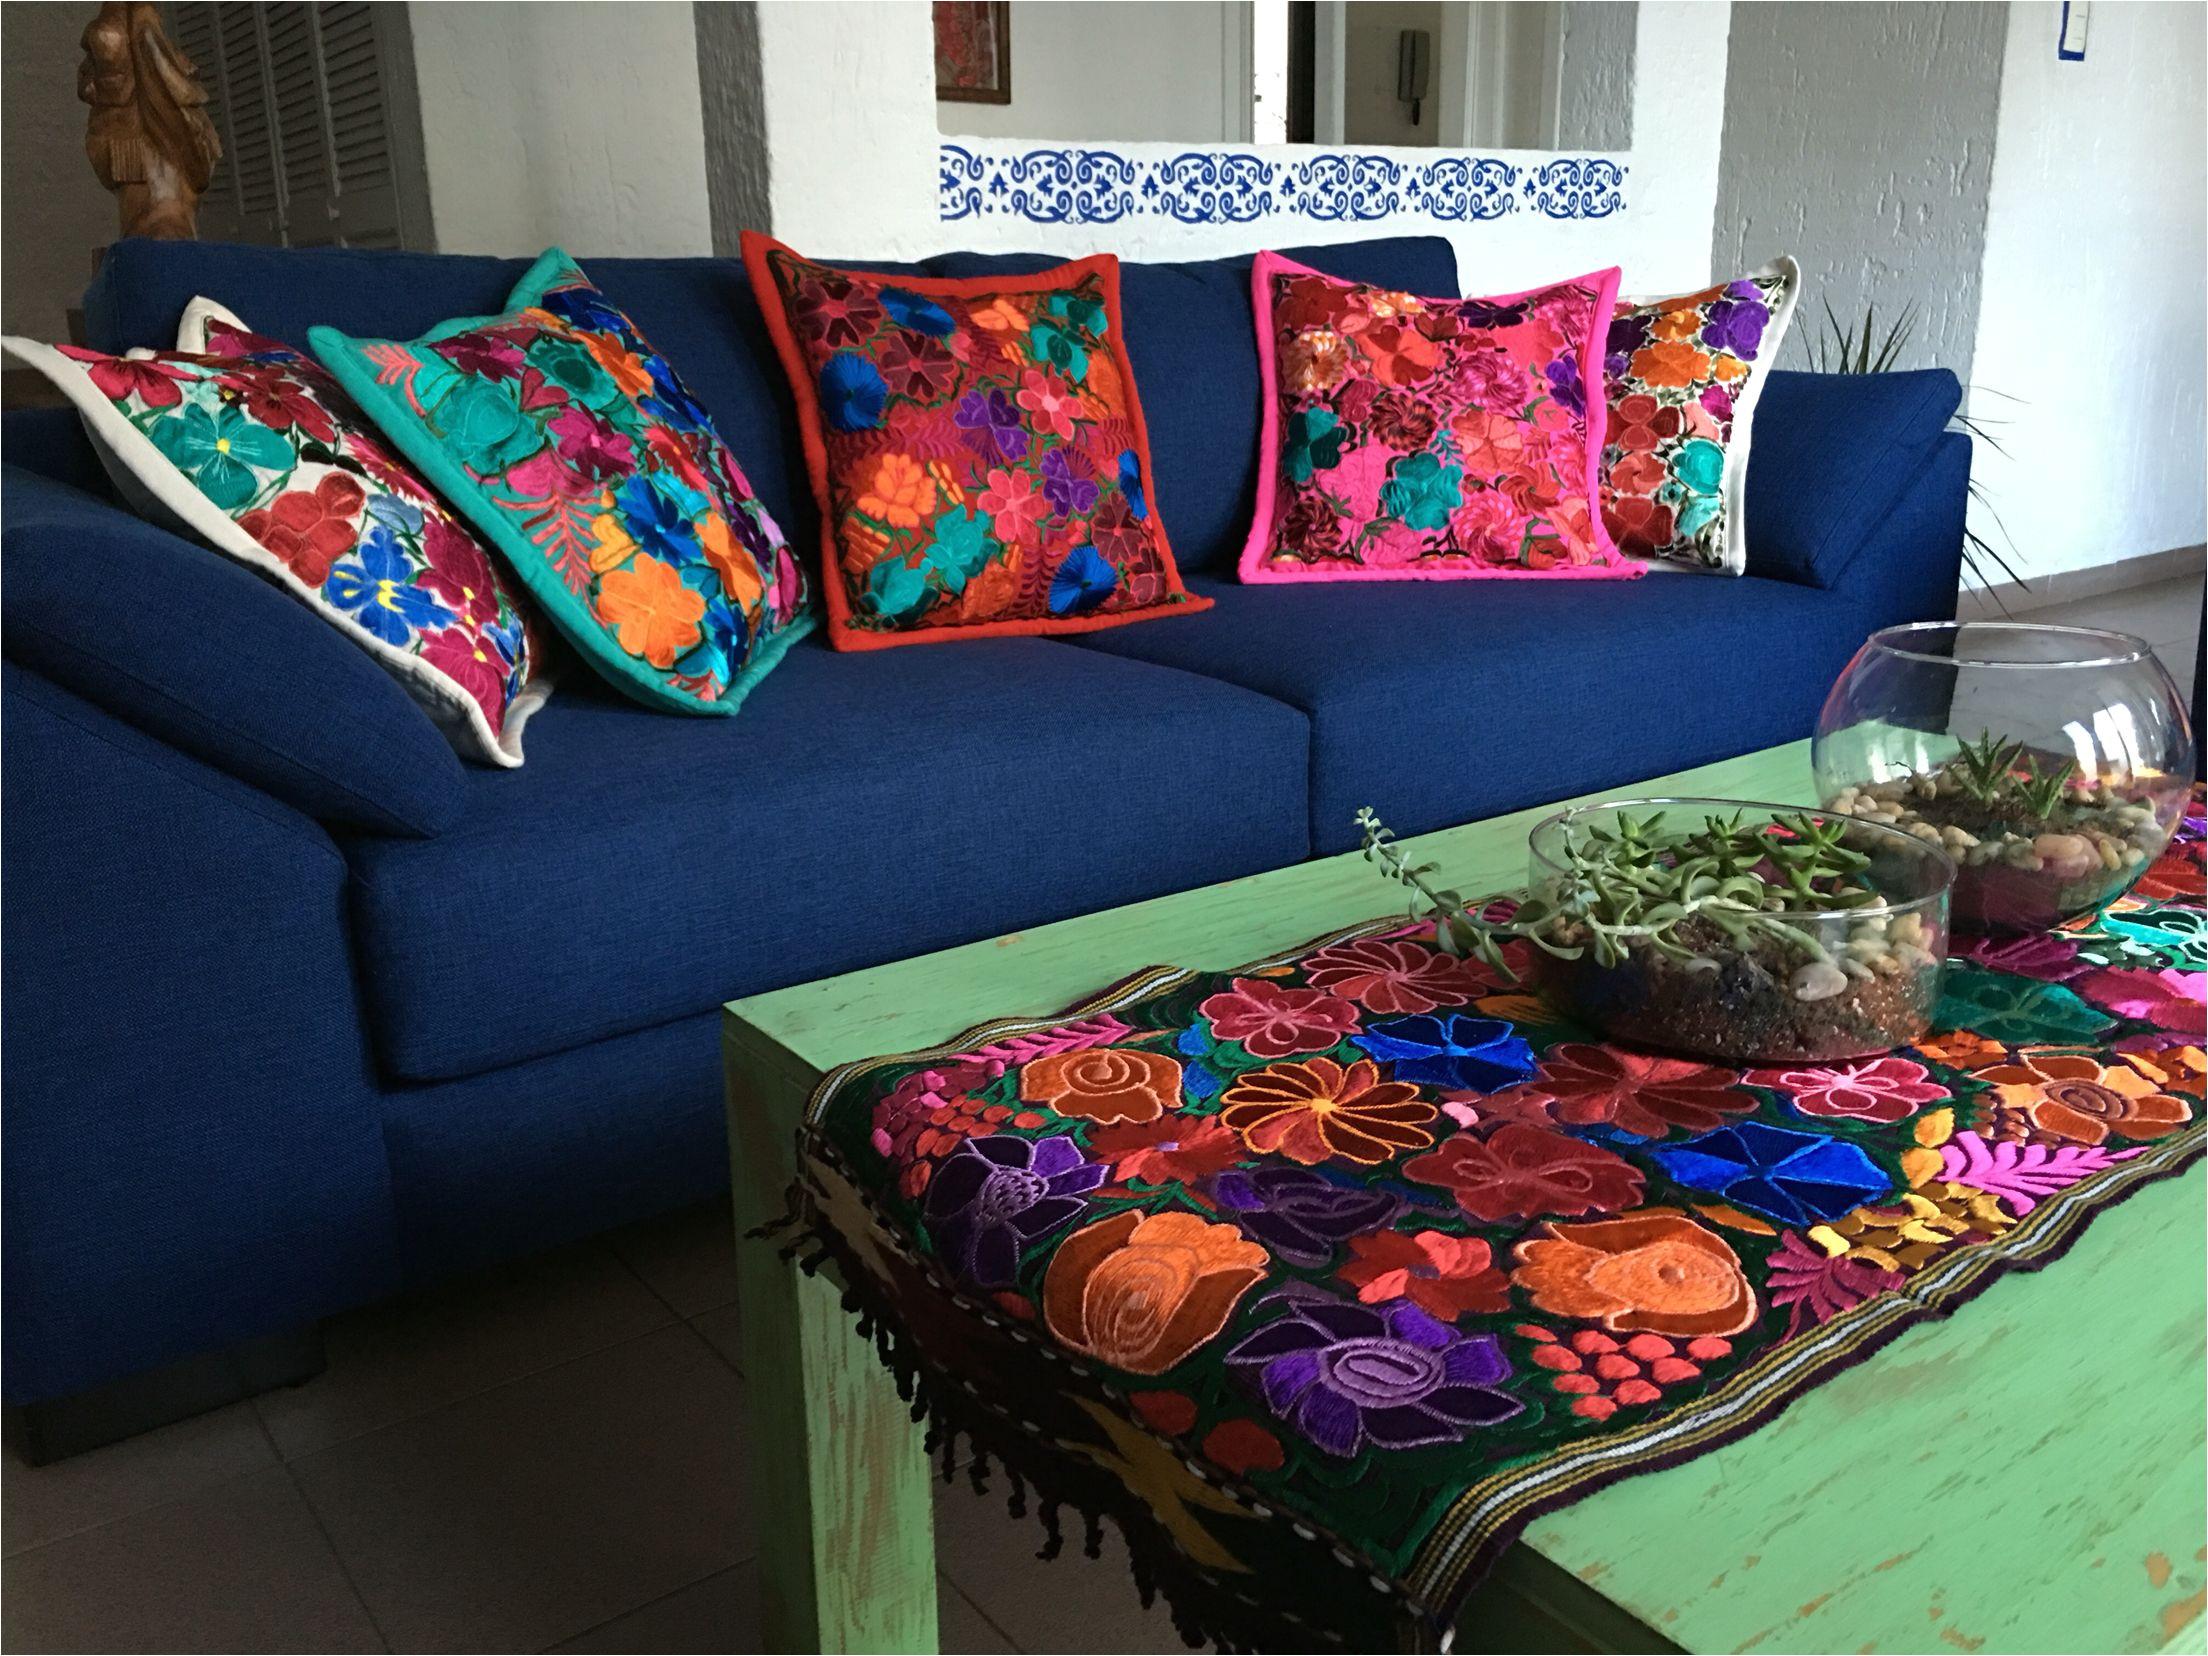 sala estilo mexicano con cojines chiapanecos trajes tipicos de mexico decoracion estilo mexicano muebles